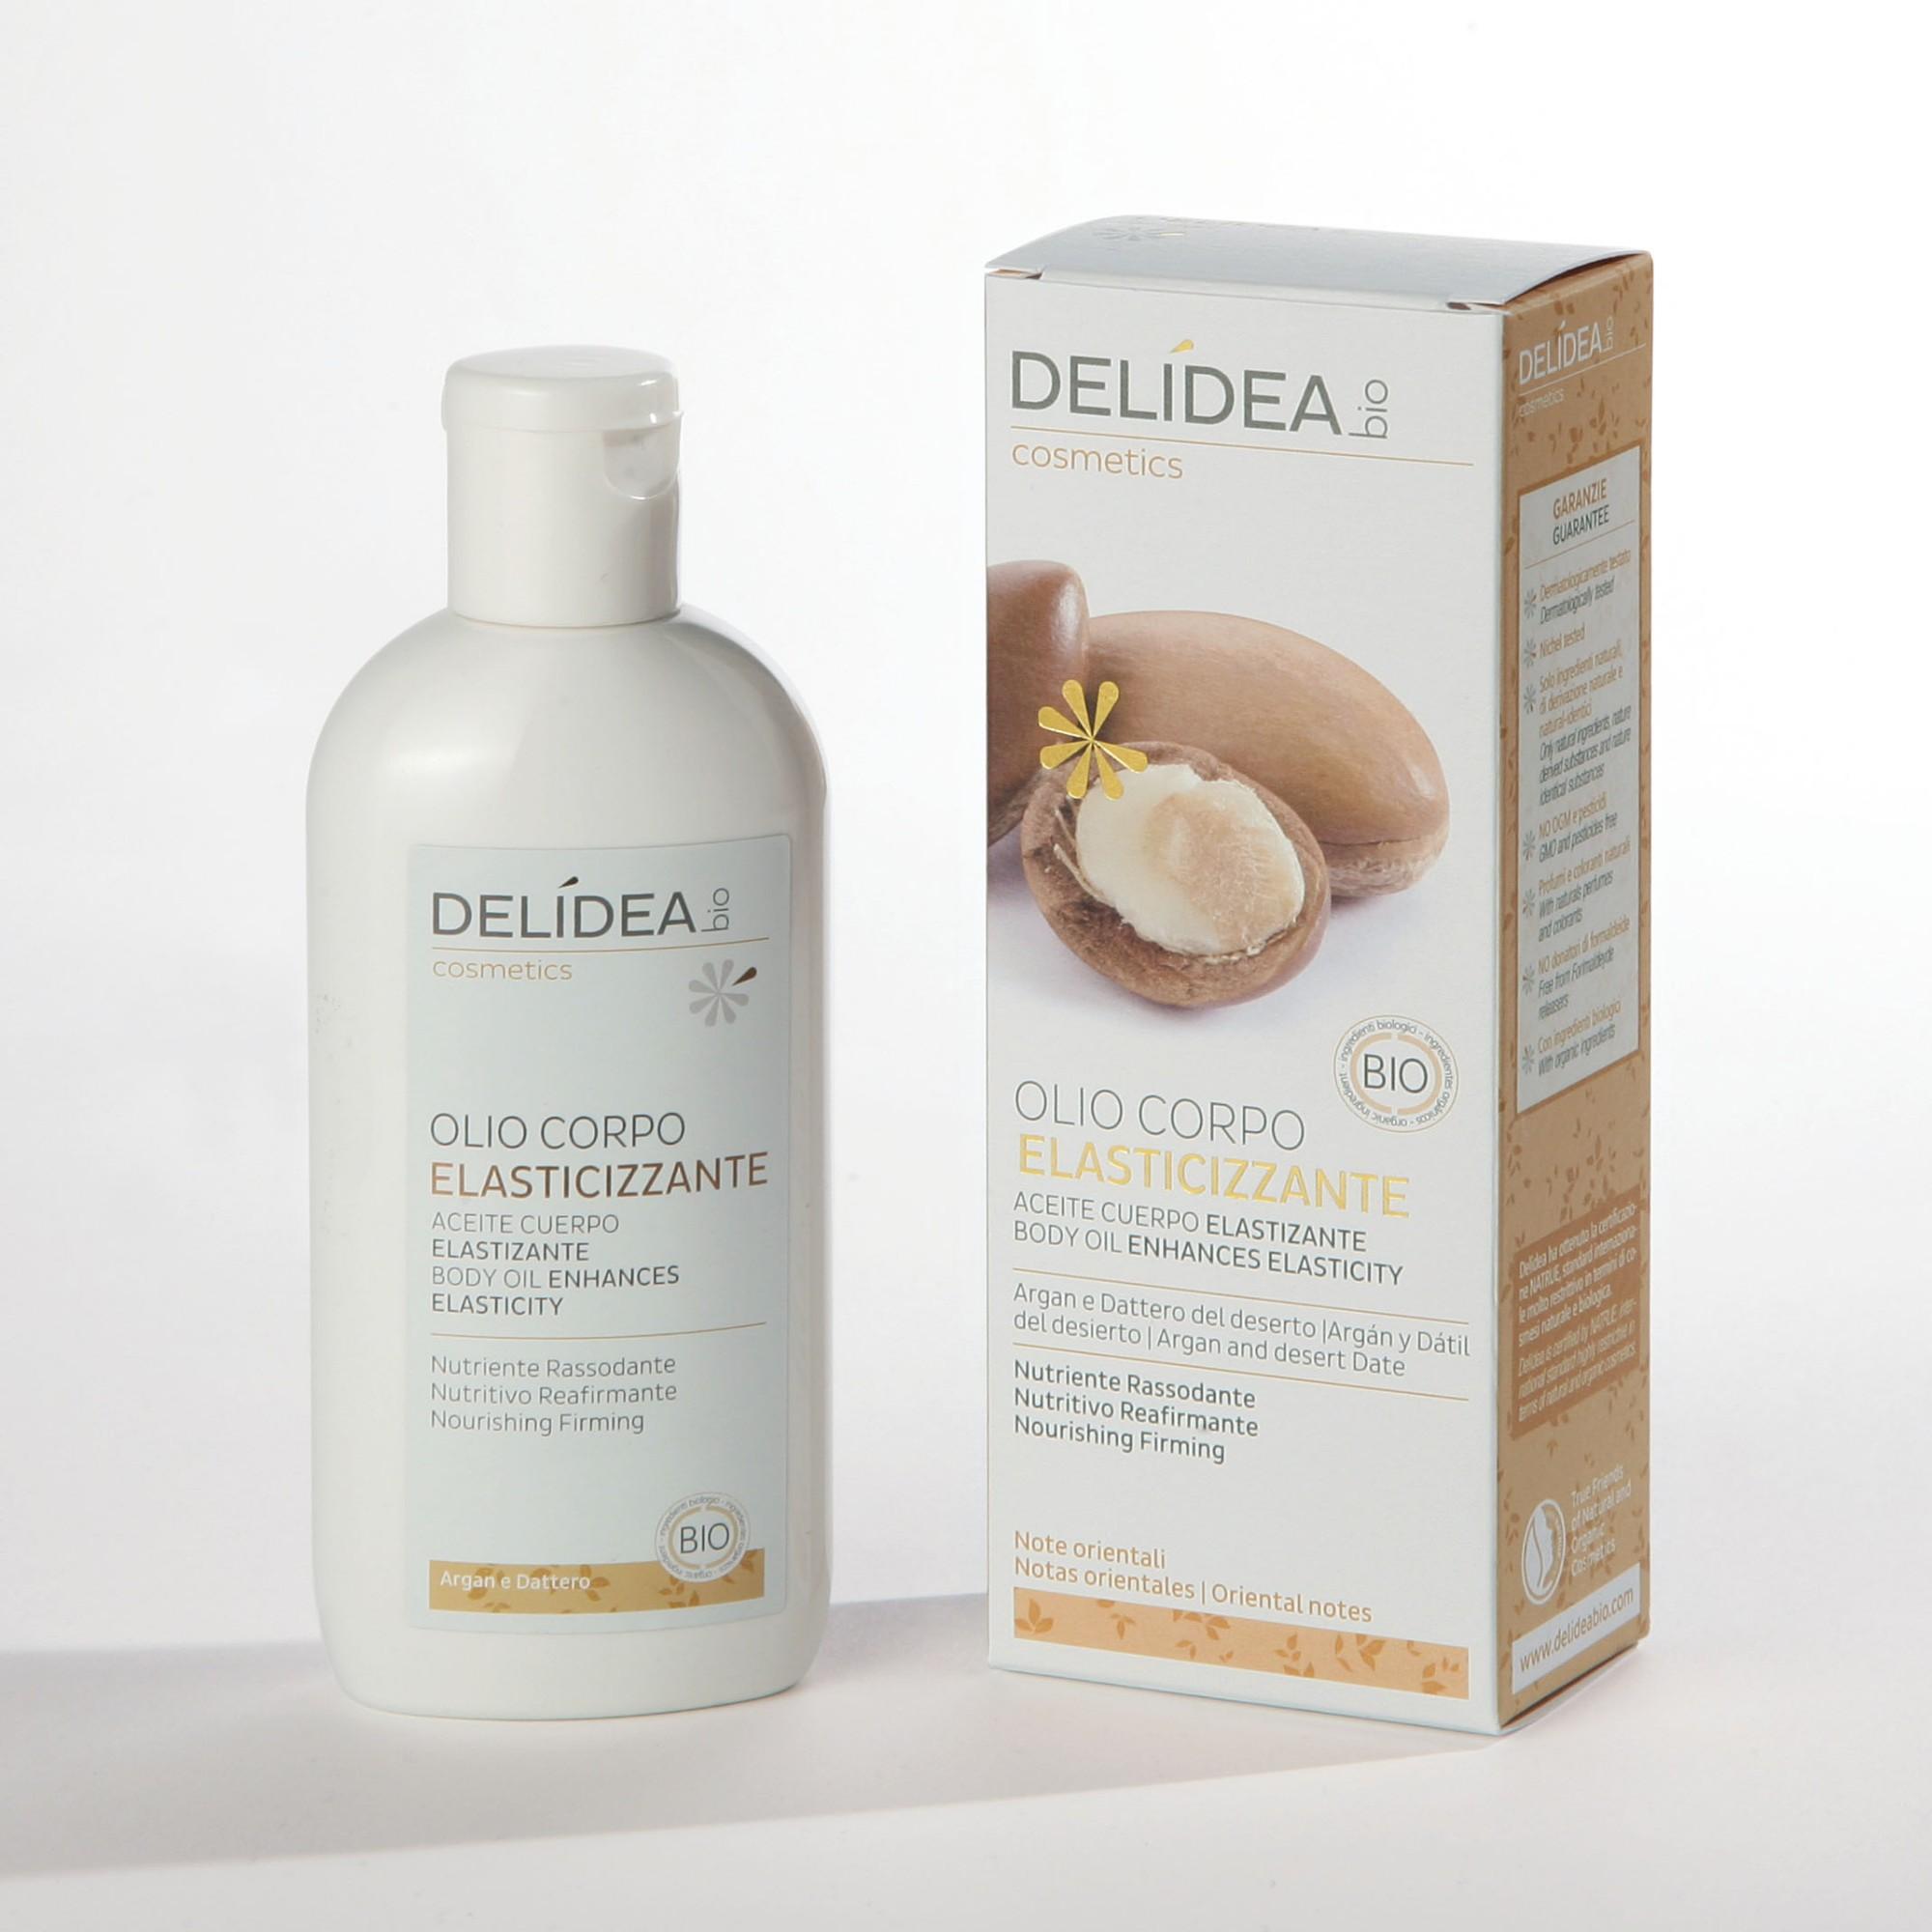 Ekologiškas  stangrinamas ir elastingumo suteikiantis kūno aliejus DELIDEA BIO su argano aliejumi, 100 ml